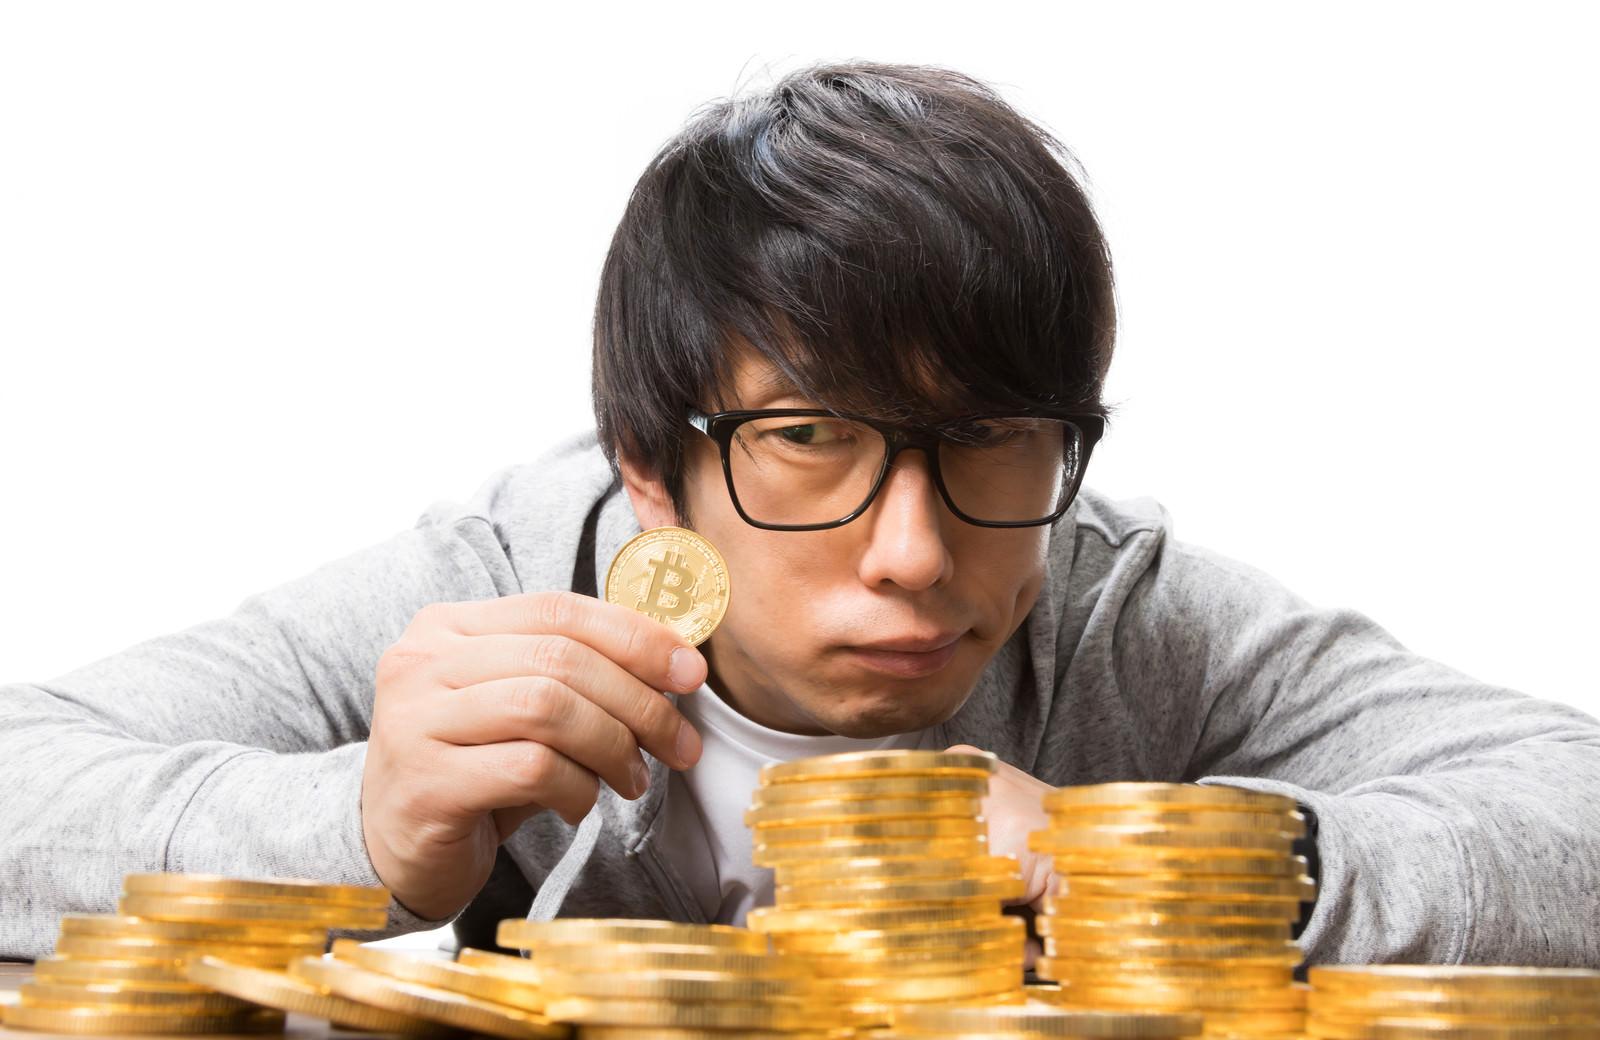 「ビットコインでハイレバに賭ける男性」の写真[モデル:大川竜弥]